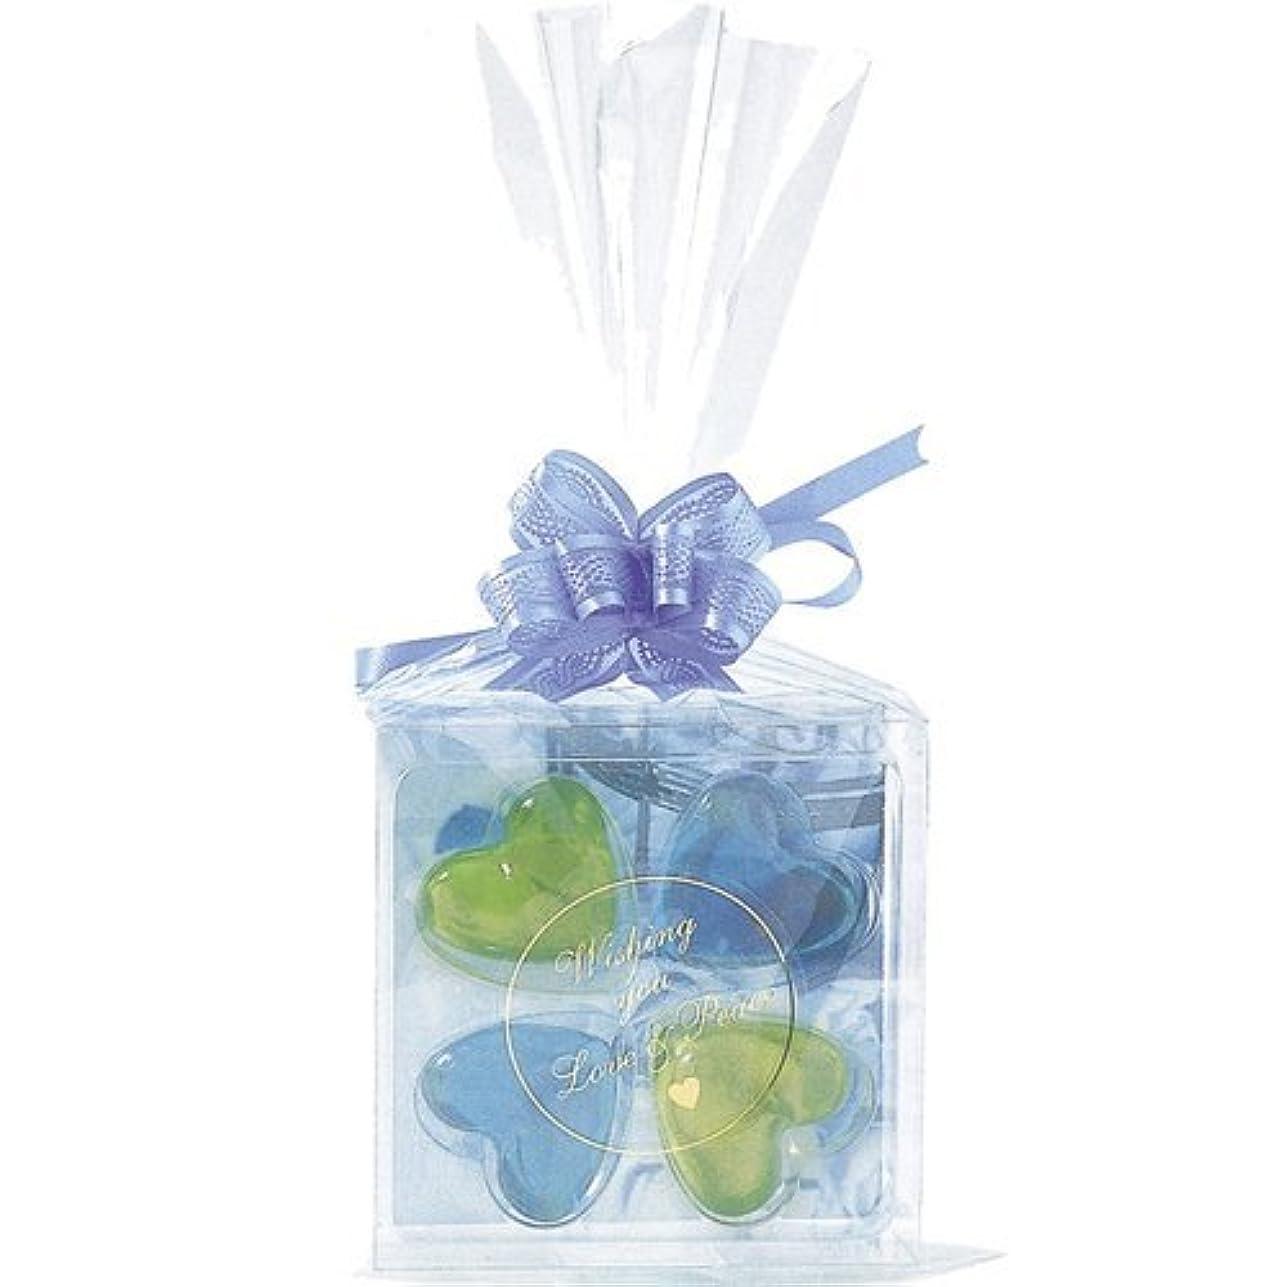 またはぼんやりしたチャータージーピークリエイツ フォーチューンクローバー ブルー 入浴料セット(グリーンアップル、ベリー)